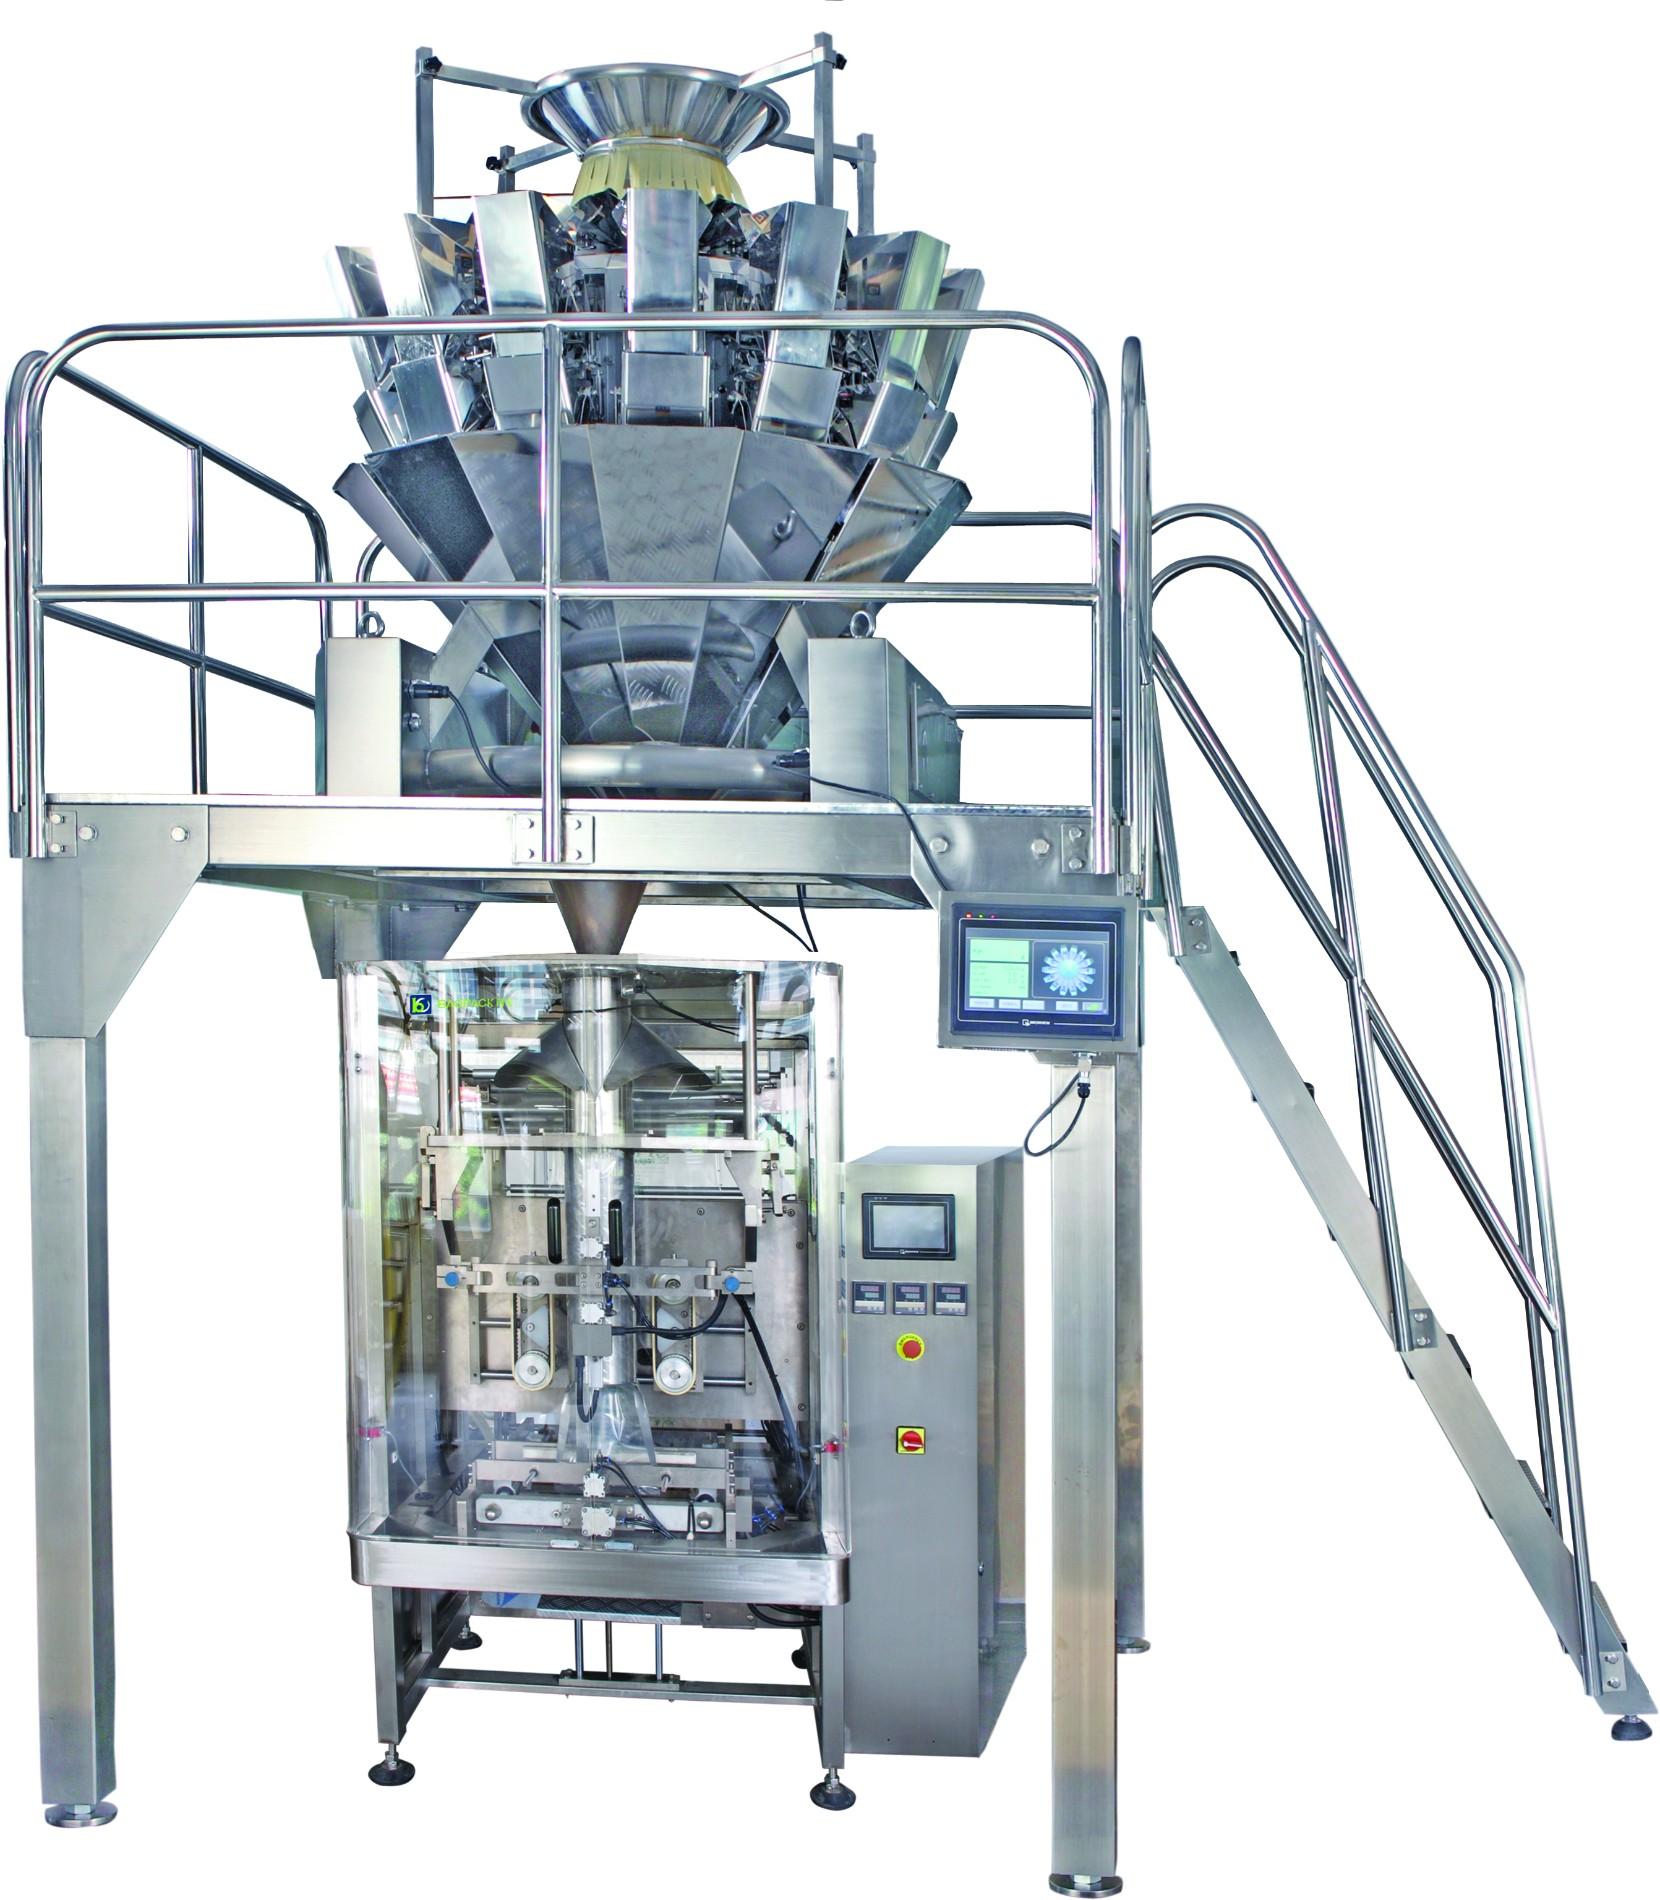 Máy đóng gói với 14 đầu cân và thang máy loại Z để đóng gói thực phẩm đông lạnh như thịt viên và đùi